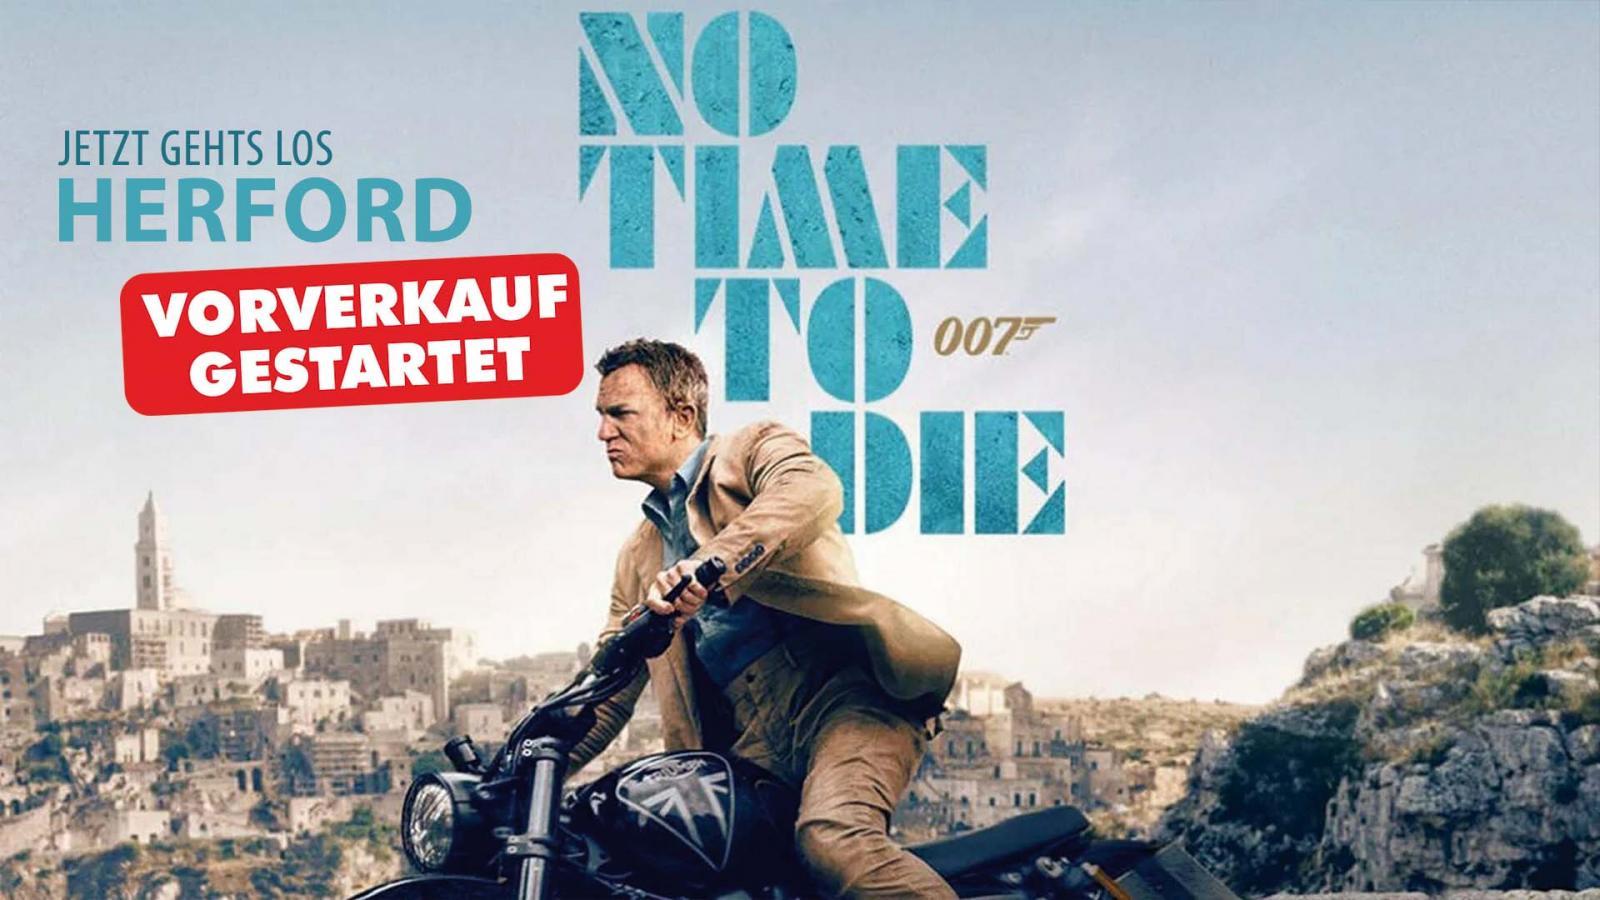 James Bond 007: Keine Zeit zu sterben VVK